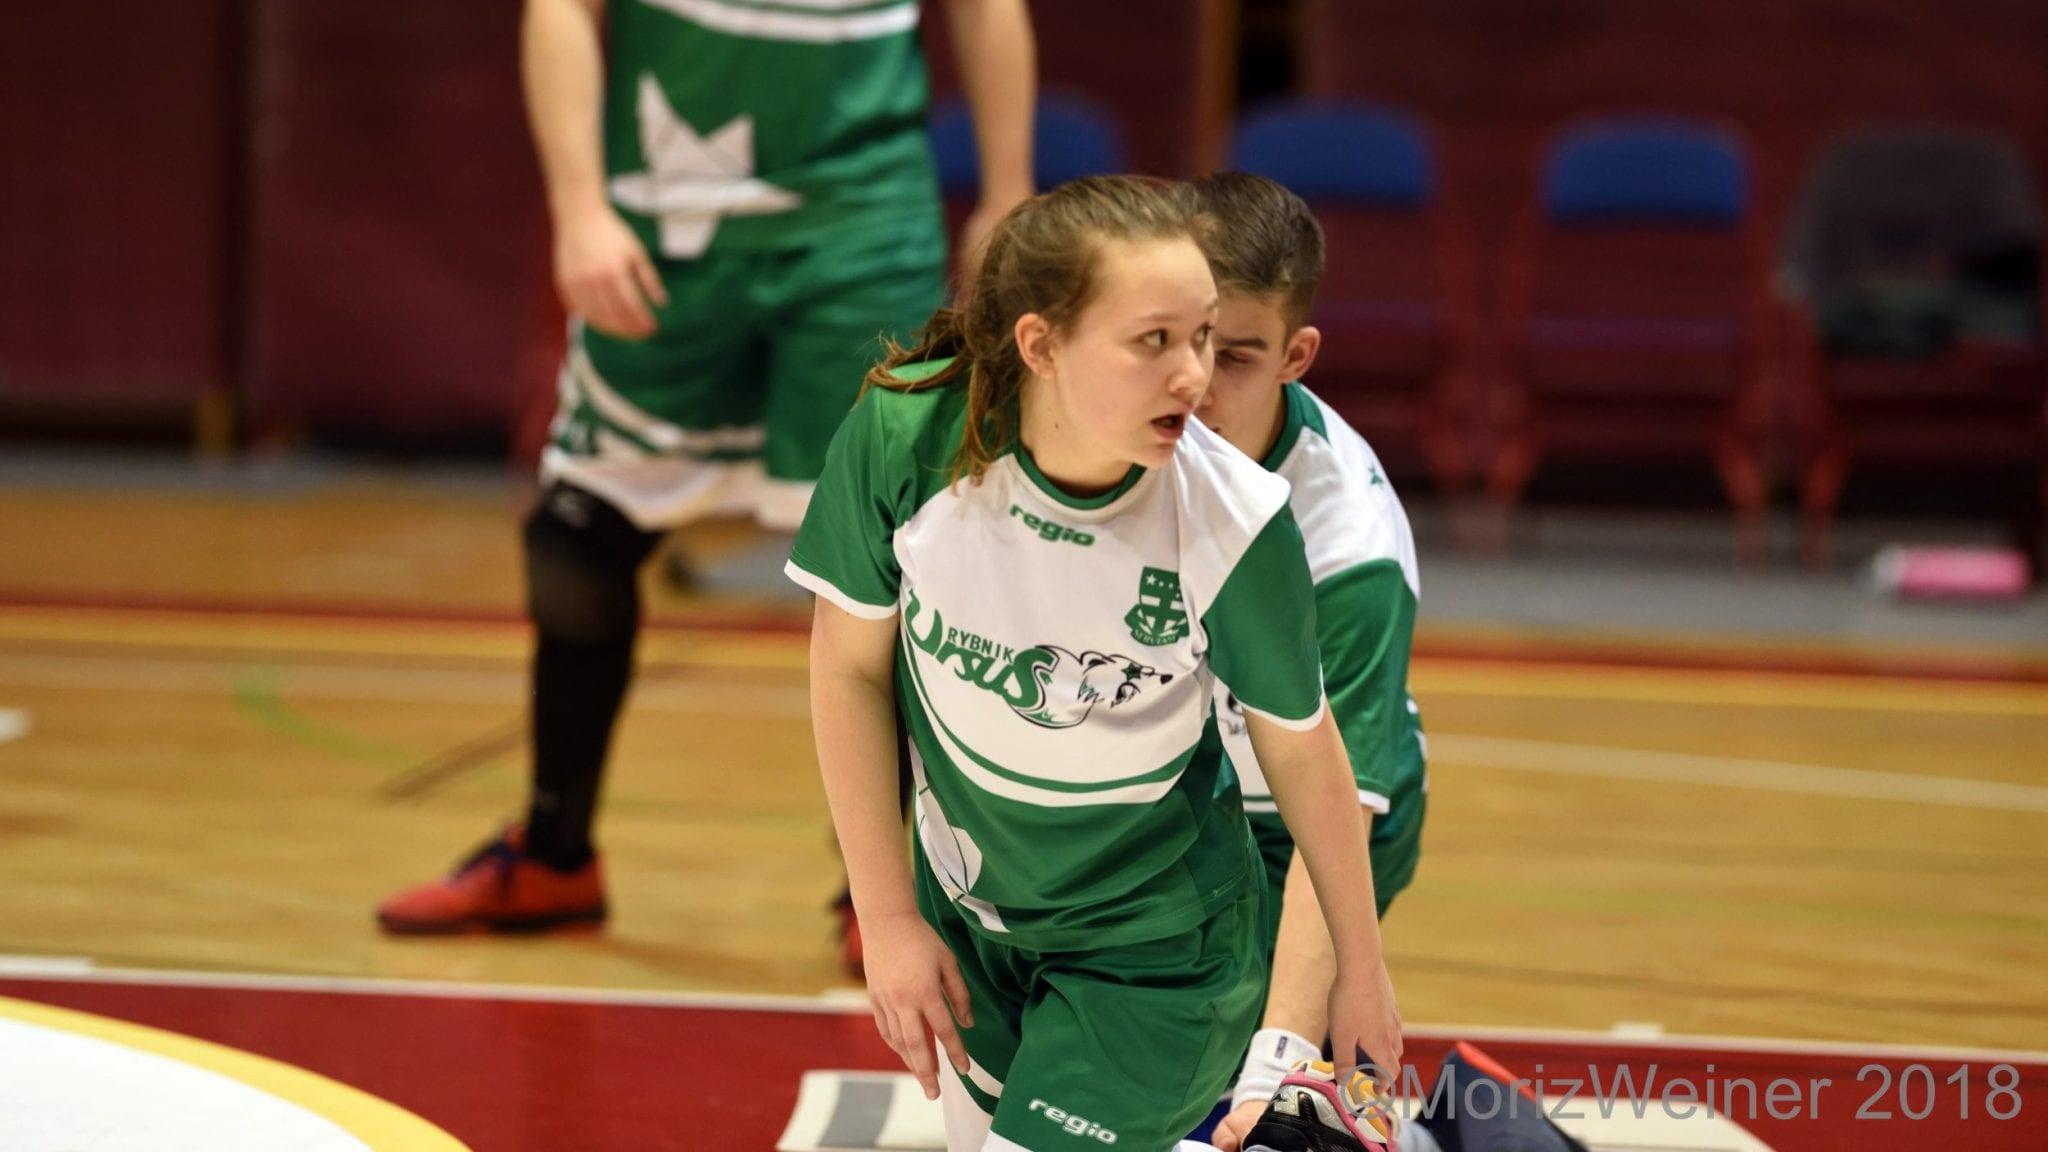 Agnieszka Mirek (Foto: Moriz Weiner)